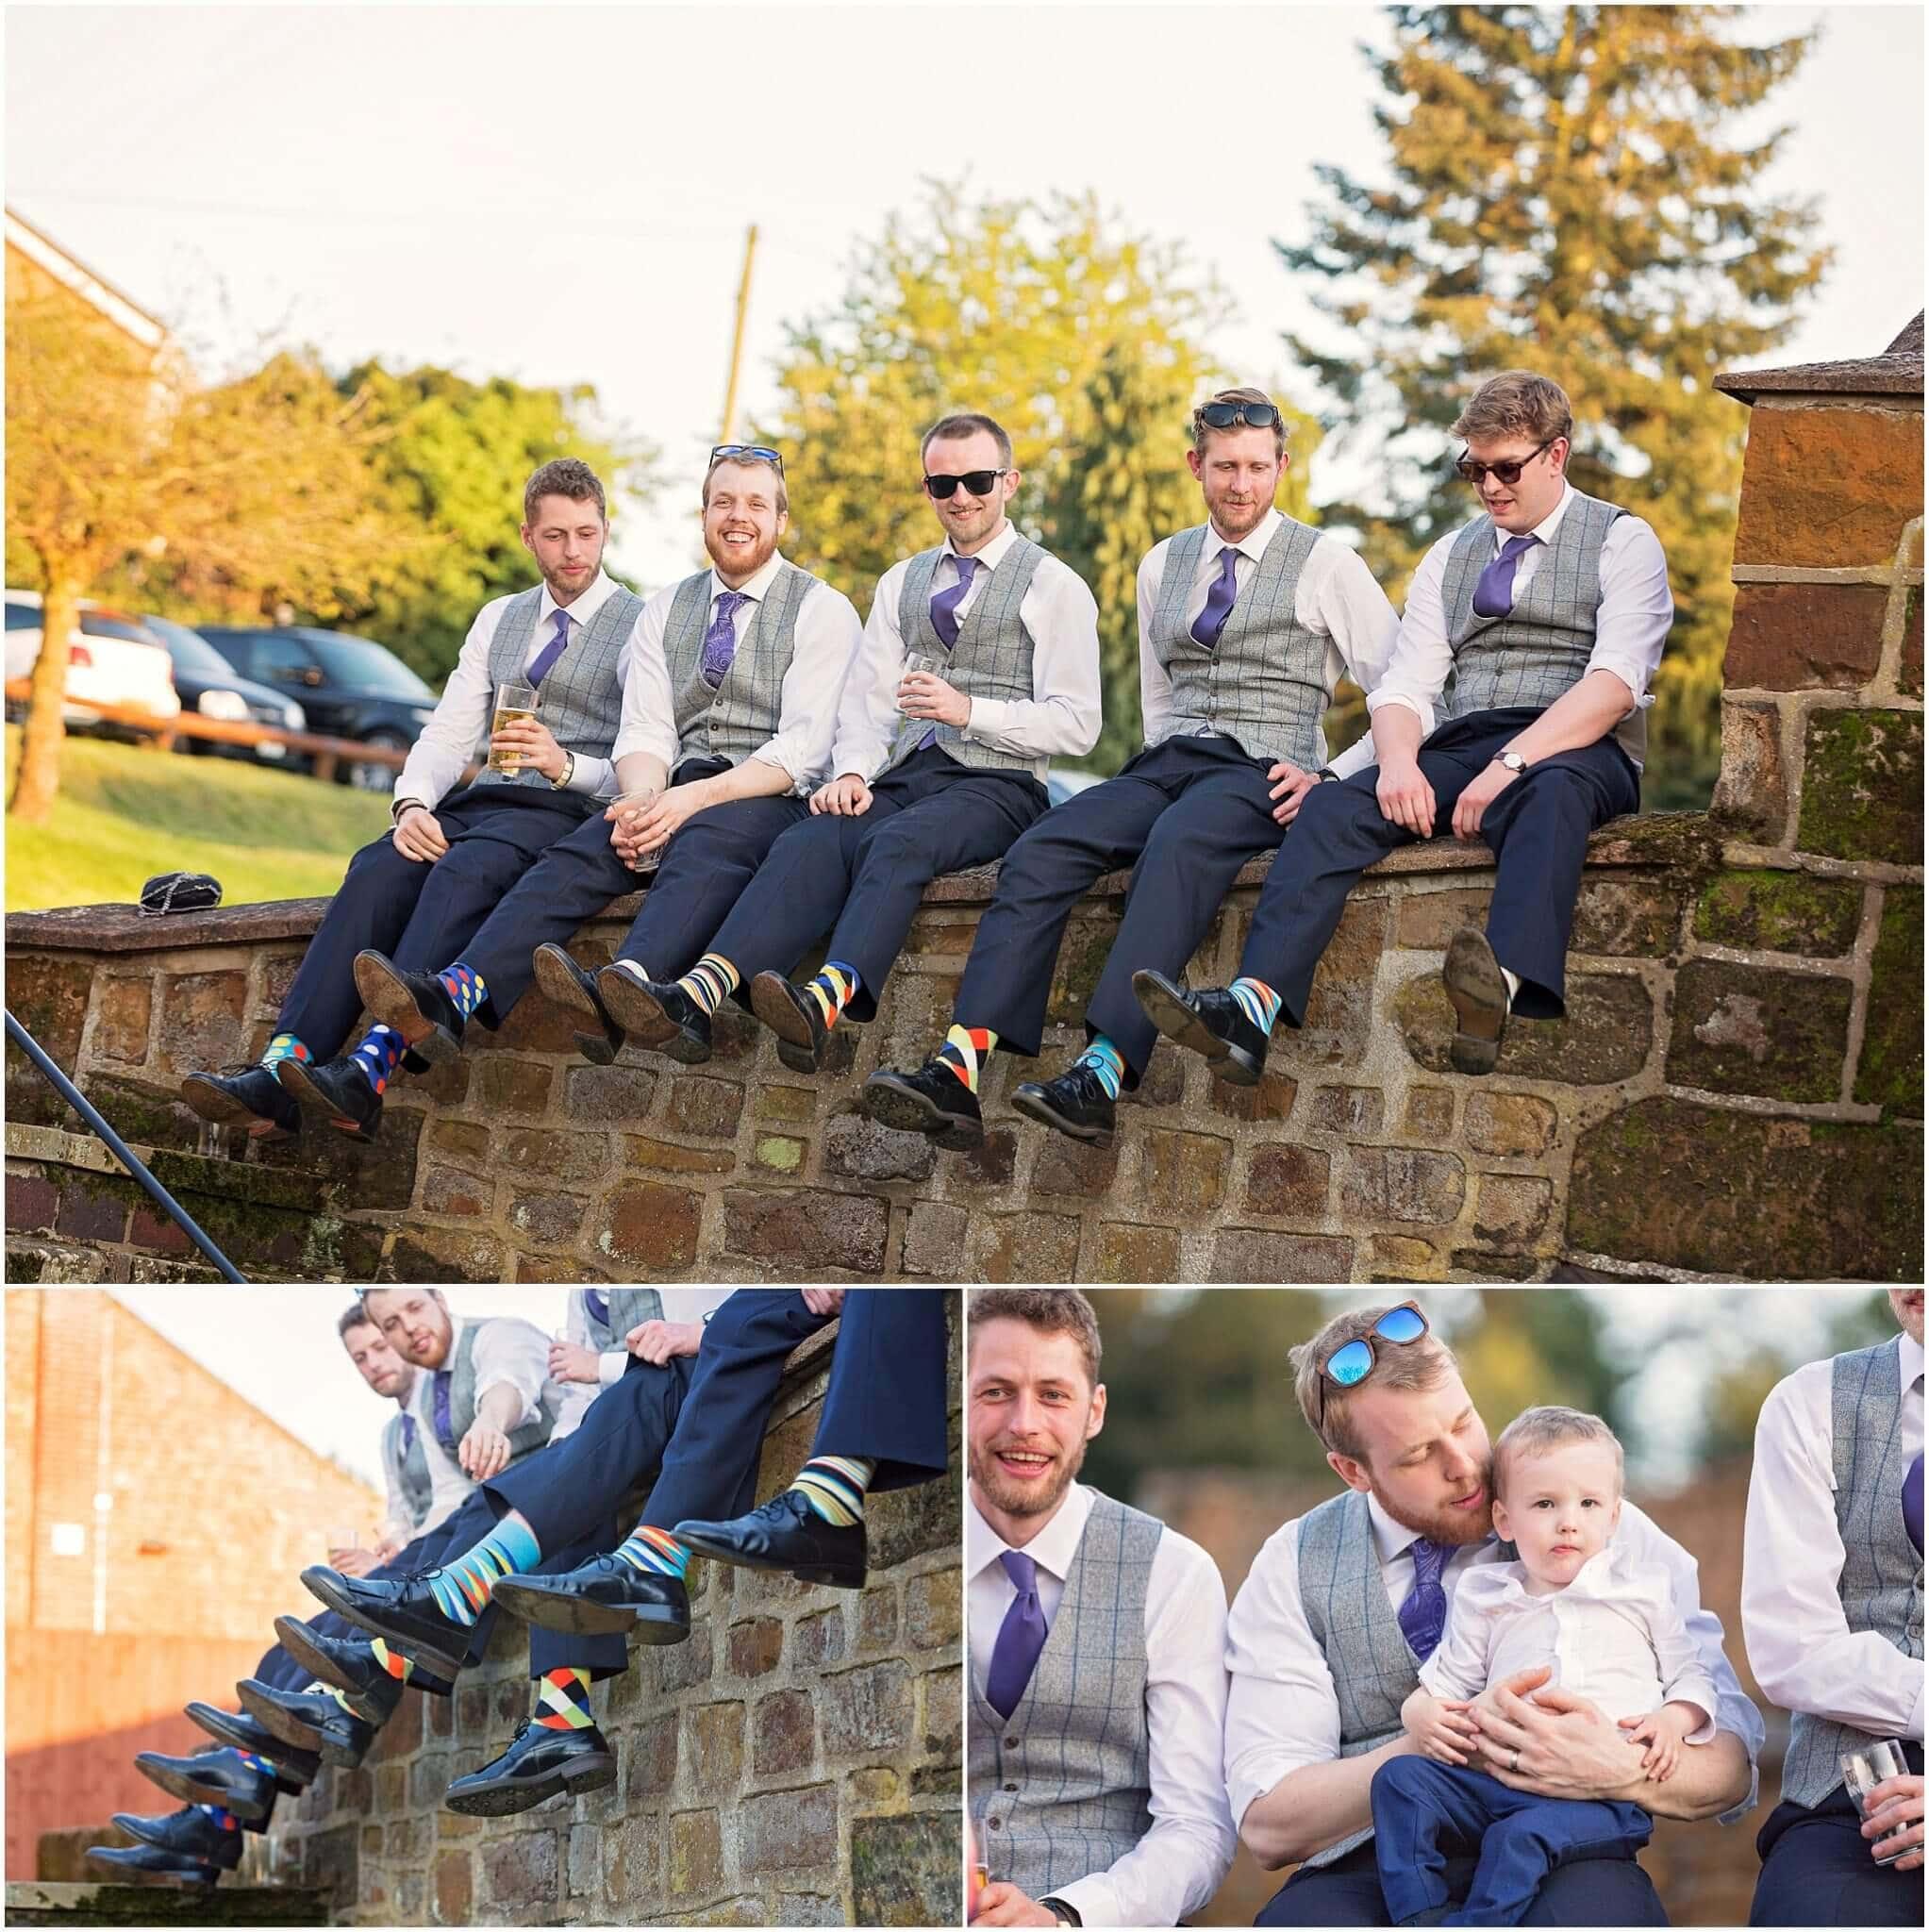 Groomsmen tweed suits